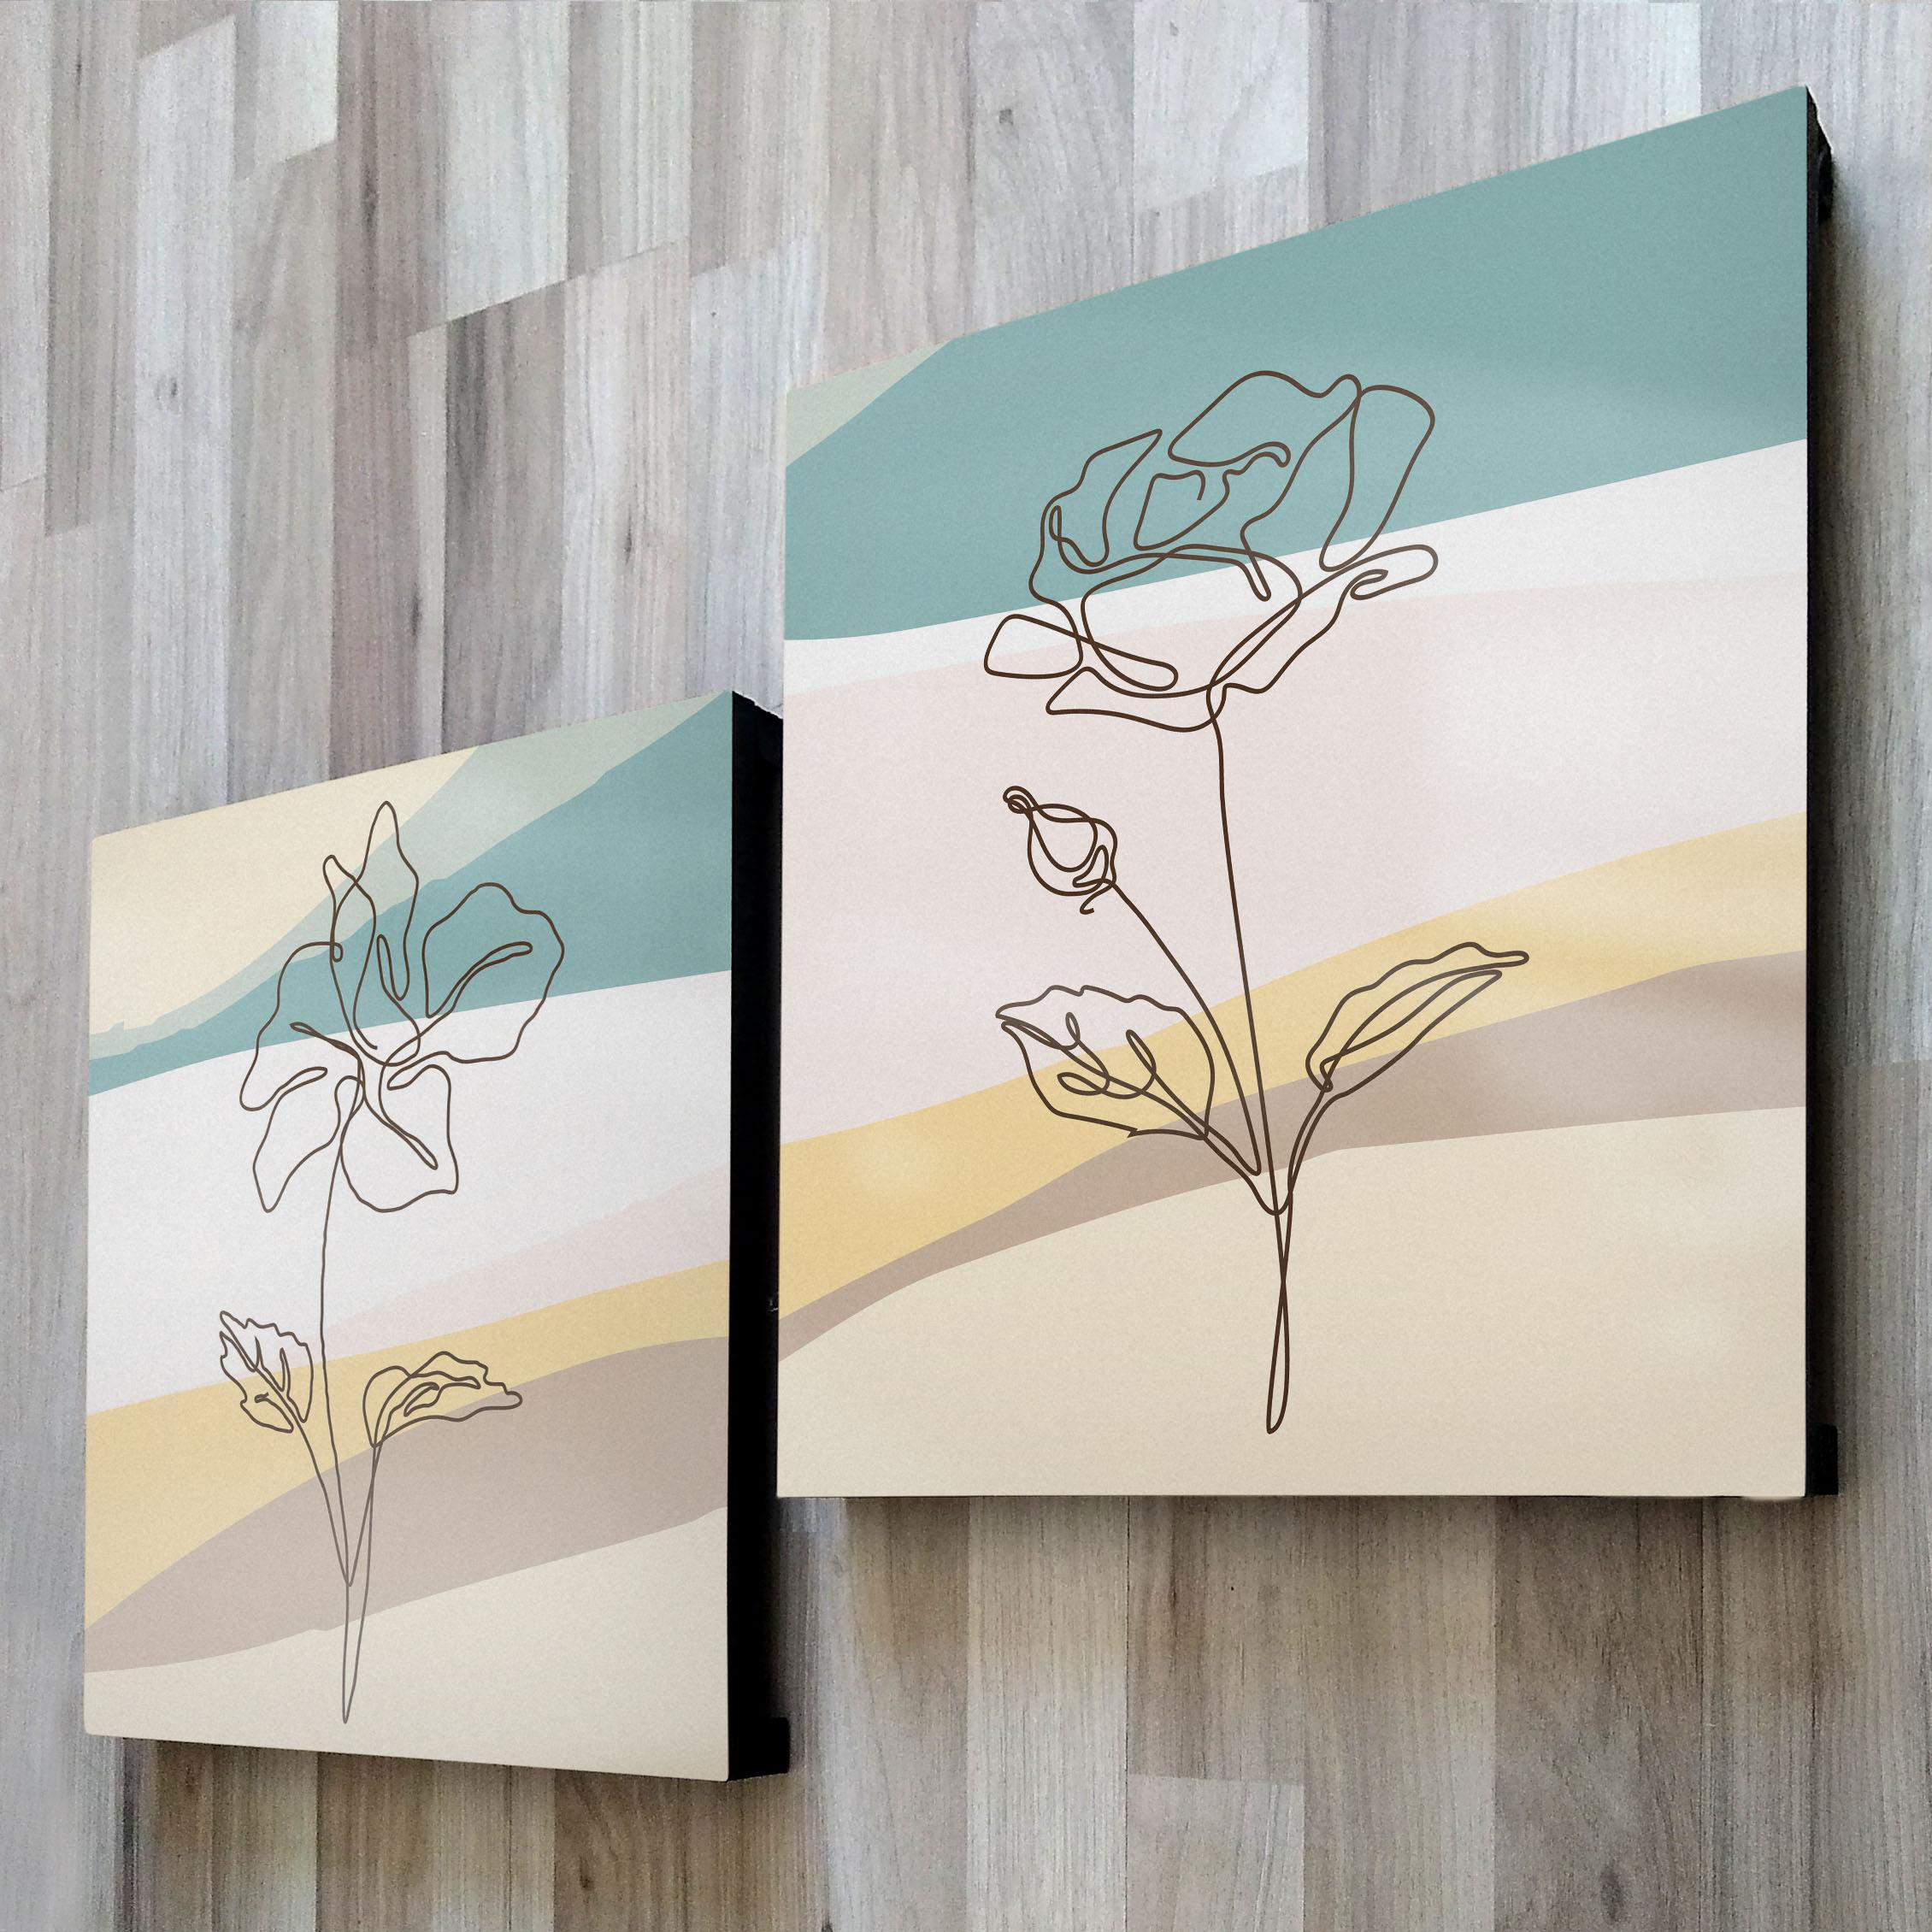 Abstractos Modernos 502 + 501